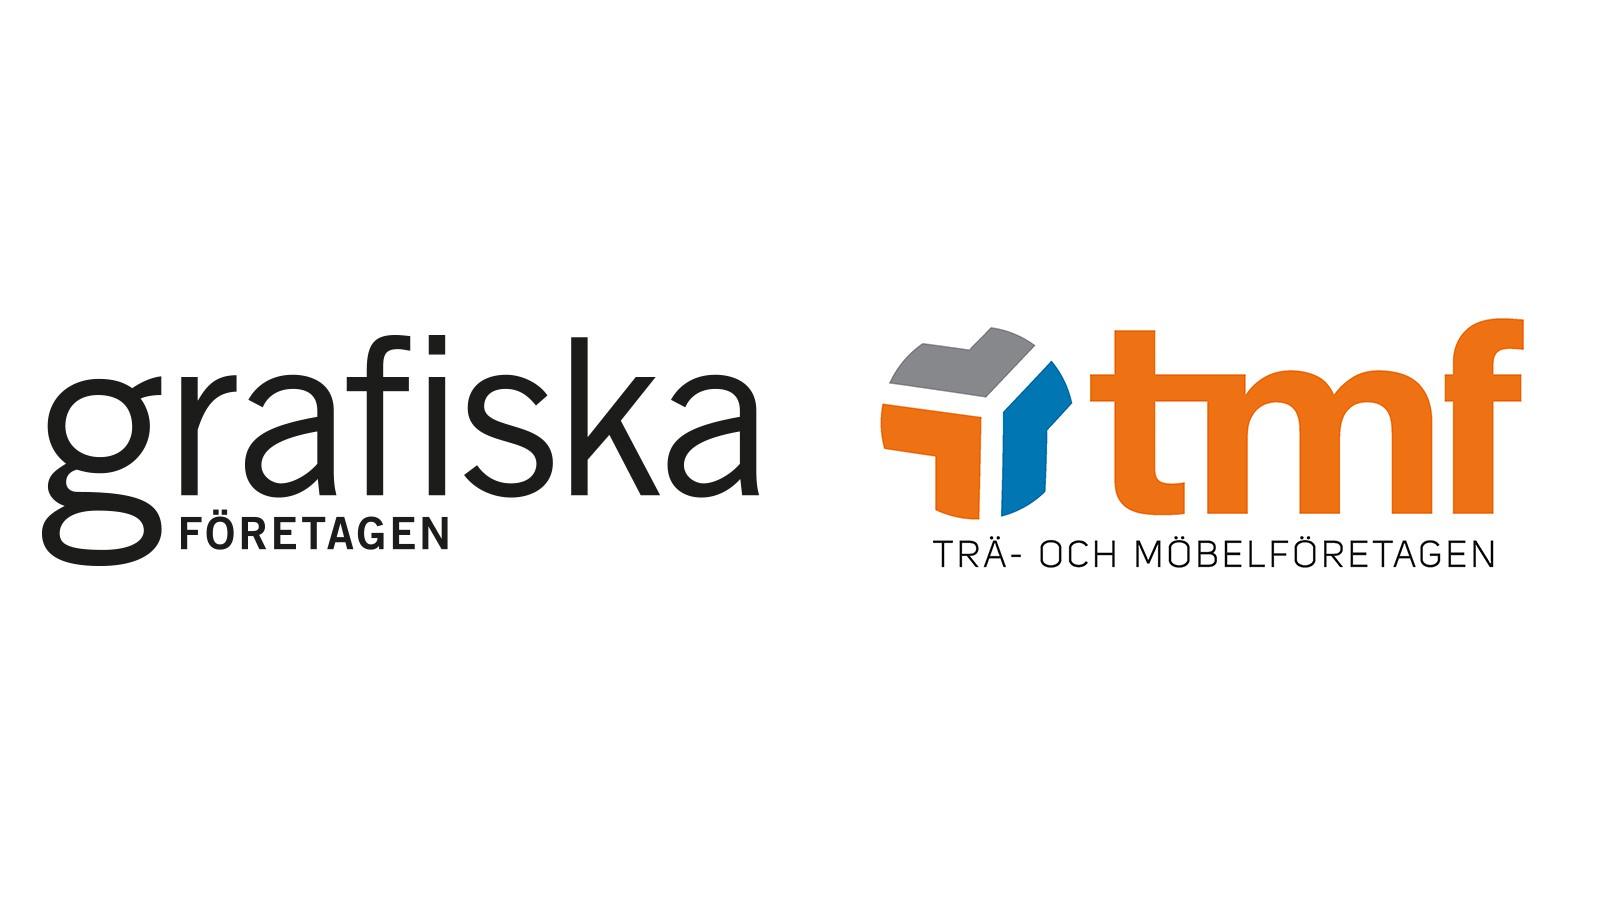 Erfaren förhandlare och rådgivare till TMF-/Grafiska företagen